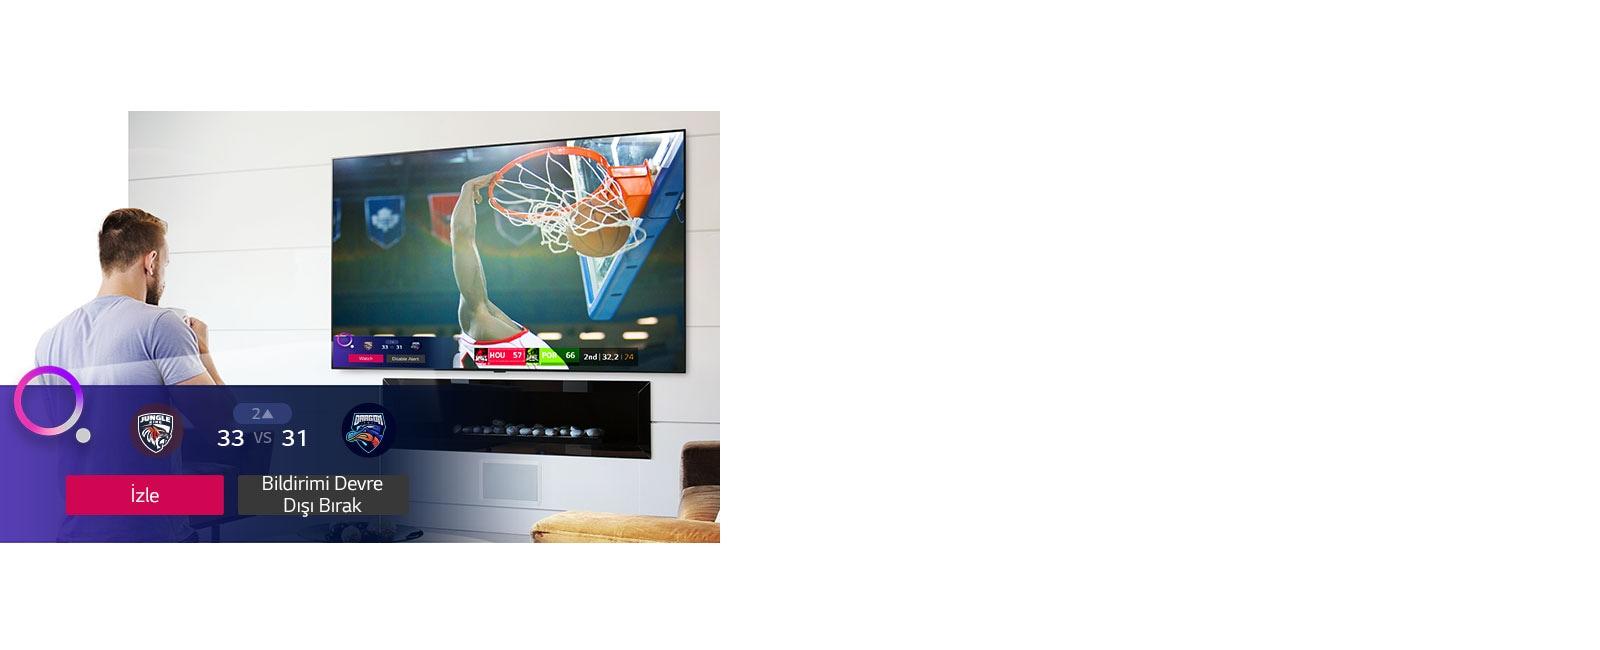 Basketbol maçından bir sahne gösteren televizyonda çıkan Maç Bildirimi